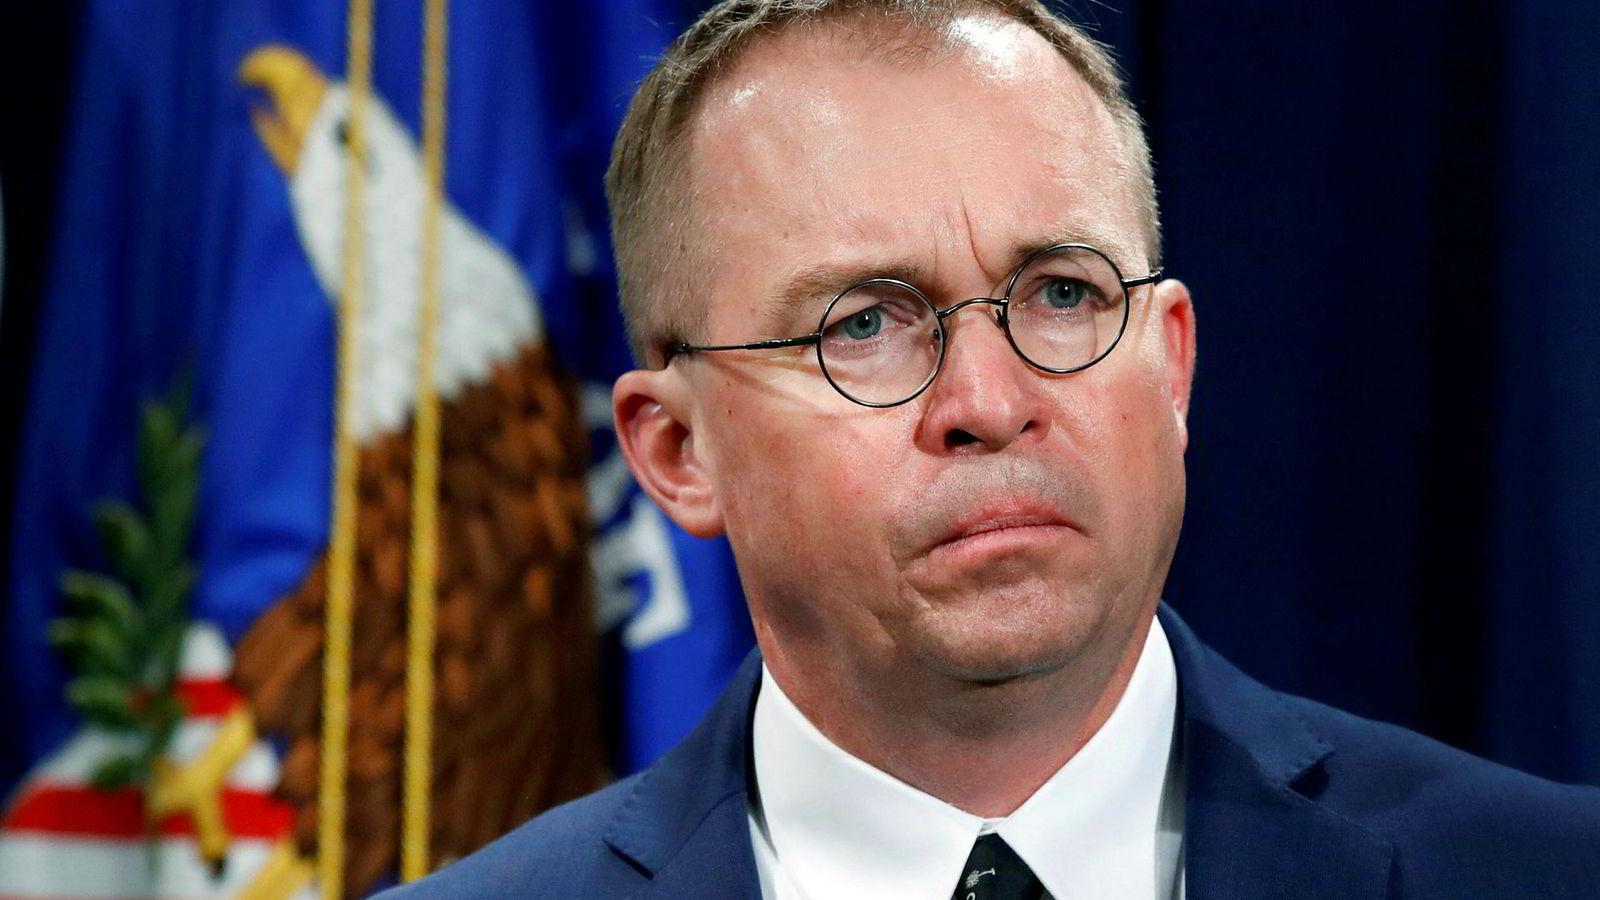 Mick Mulvaney, som både er fungerende stabssjef for president Donald Trump og leder for The Office of Management and Budget, er sentral i strategien med å bryte ned reguleringer og byråkrati ved å ta kontroll over institusjoner.